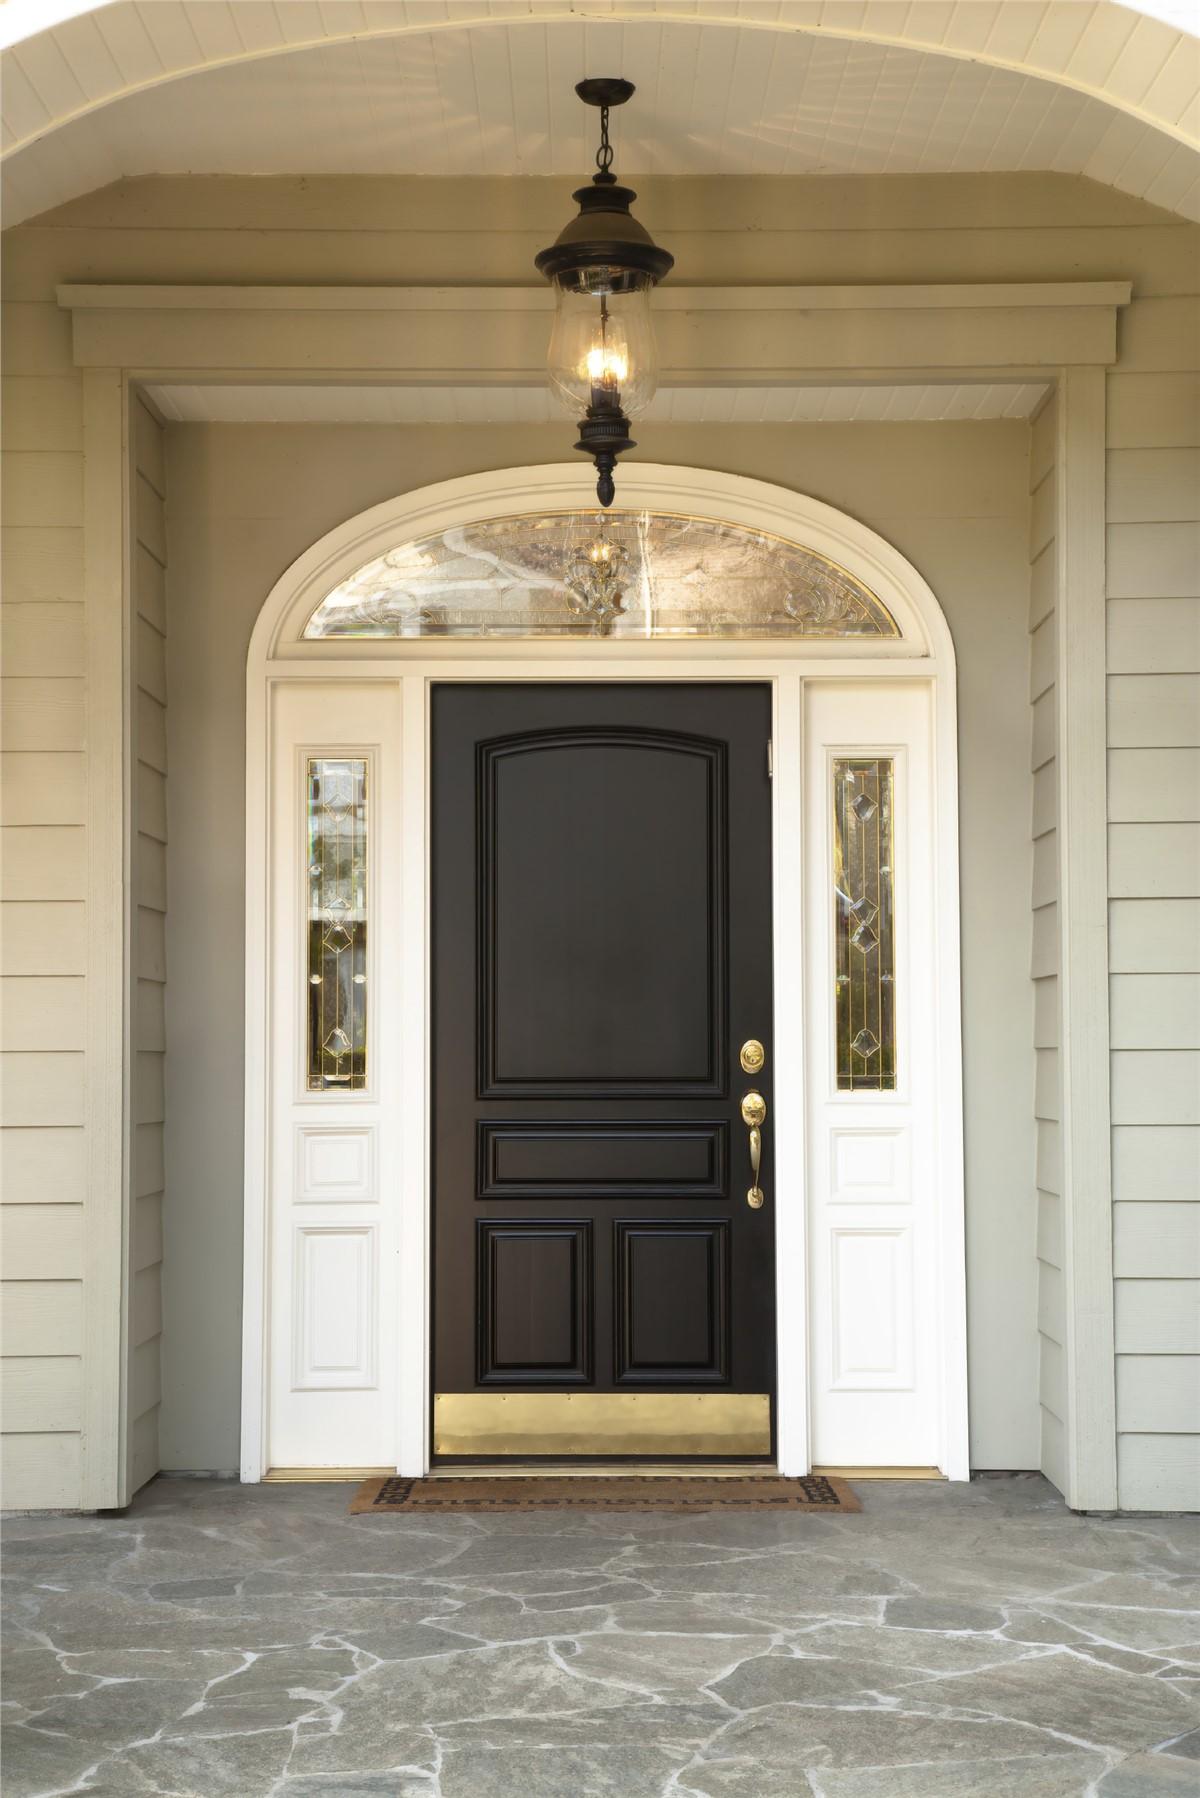 Jacksonville Fiberglass Entry Doors Jacksonville Entry